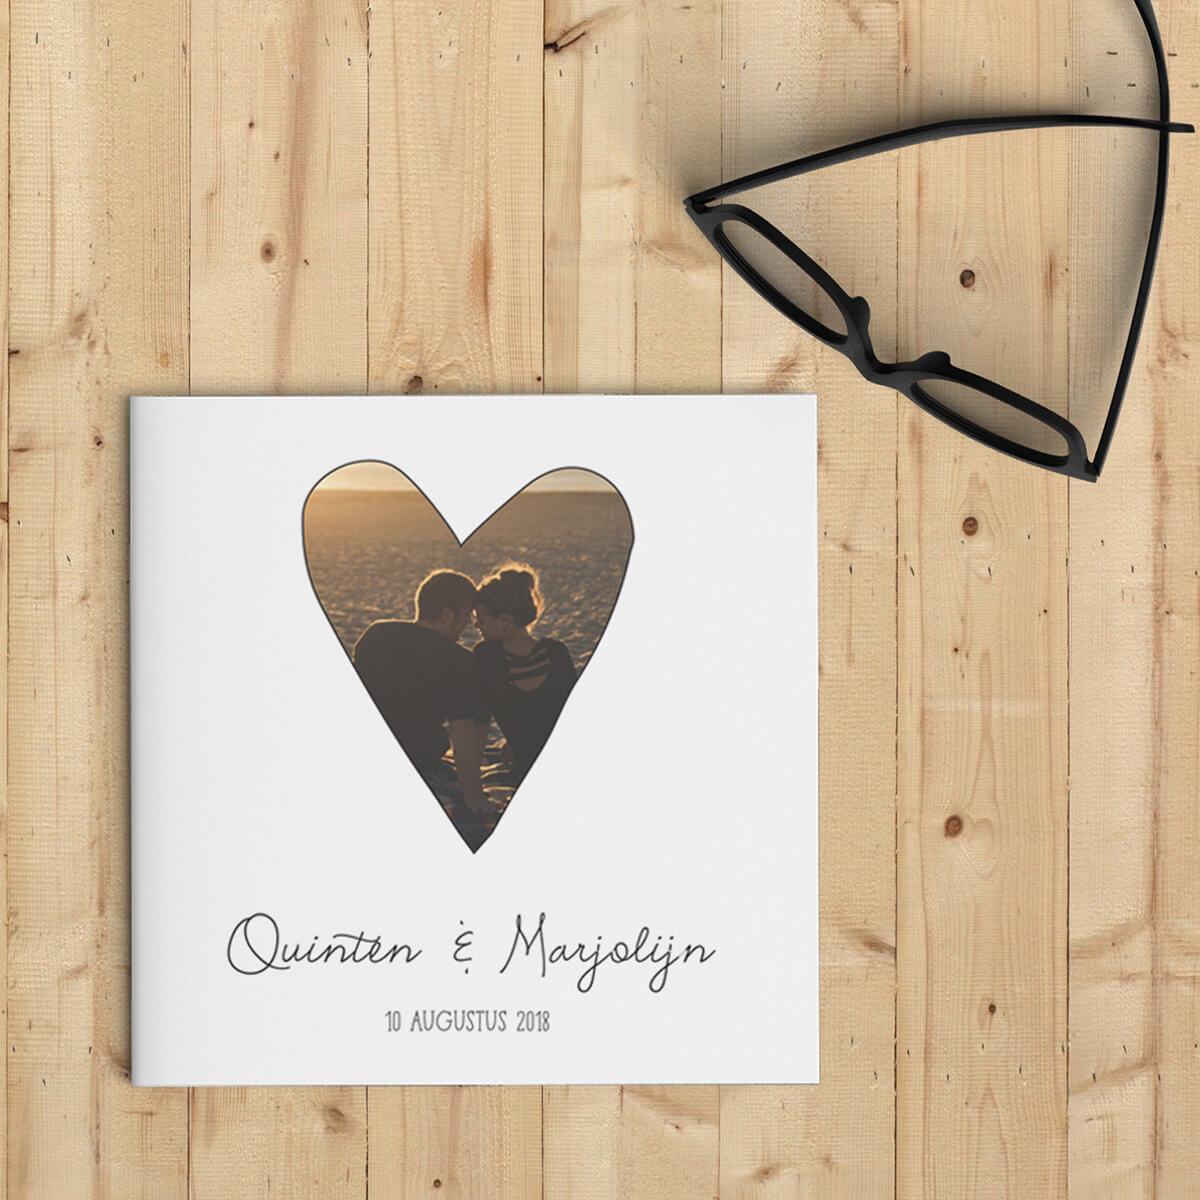 Trouwkaart Foto Hart gebruikt een foto in de vorm van een getekend hart op voorkant, met mooie lettertypes en een programma-tijdlijn met leuke icoontjes. Voorkant van trouwkaartje.